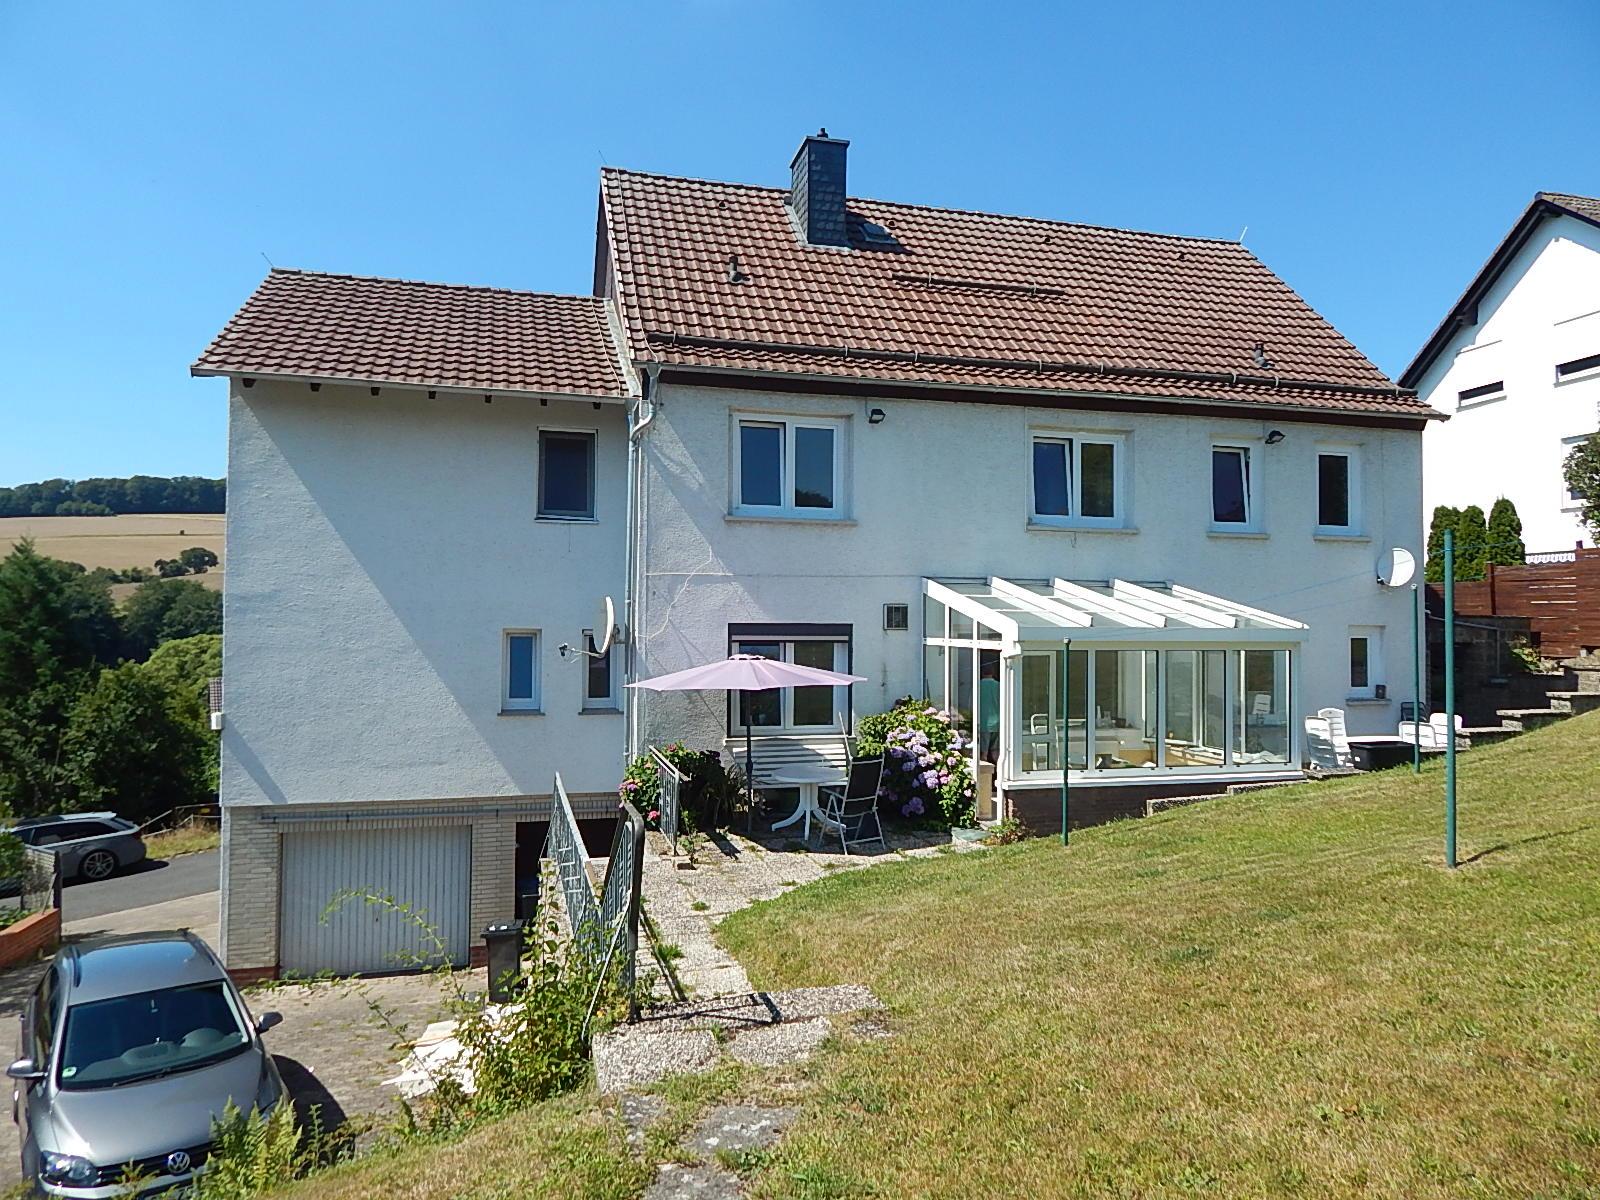 Haus mit ca.150m² in 37170 Uslar/Offensen an Gartenliebhaber zu vermieten!